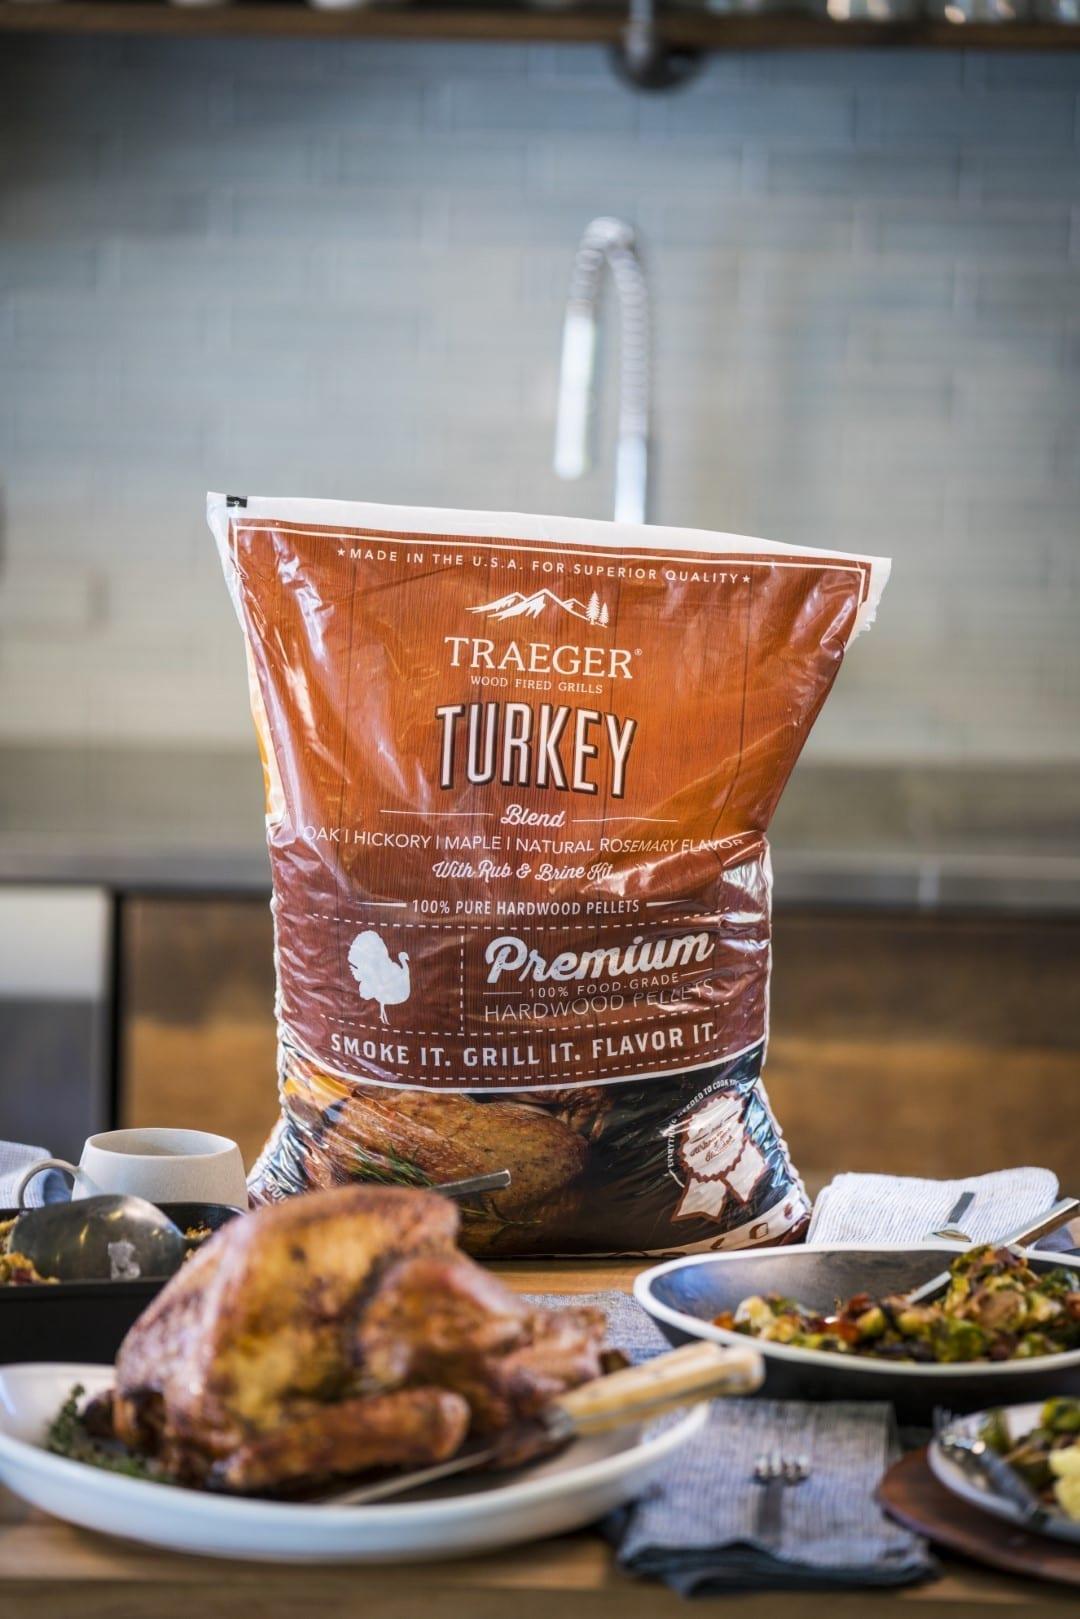 Traeger Pellets for thanksgiving roast